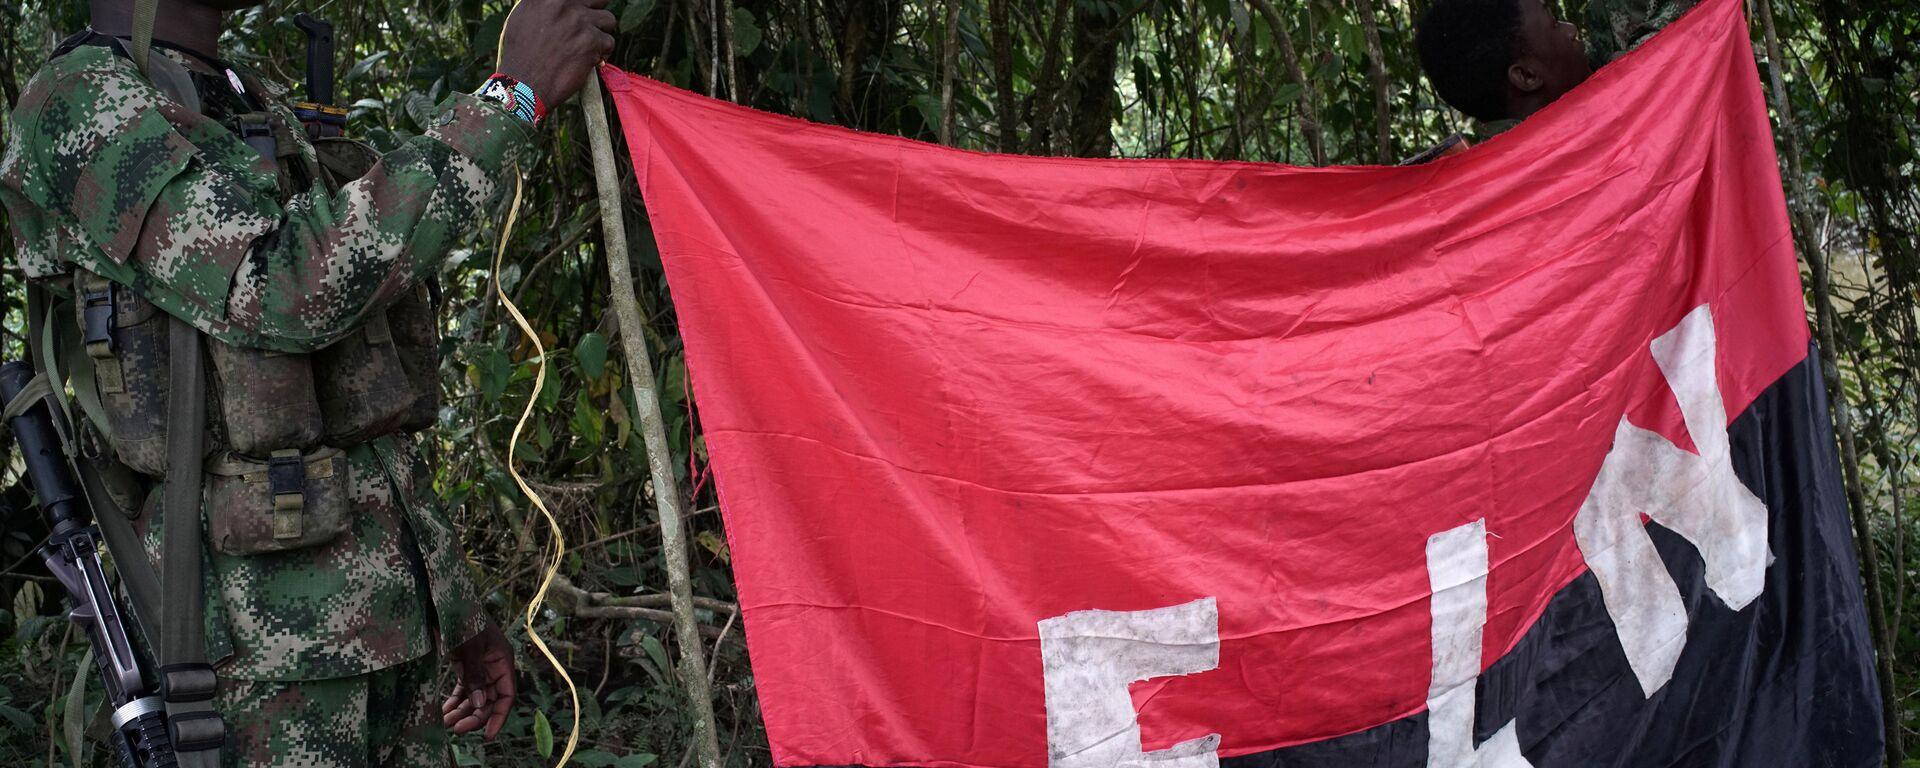 Los rebeldes del Ejército de Liberación Nacional (ELN) sostienen un estandarte en las selvas del noroeste de Colombia - Sputnik Mundo, 1920, 16.05.2021